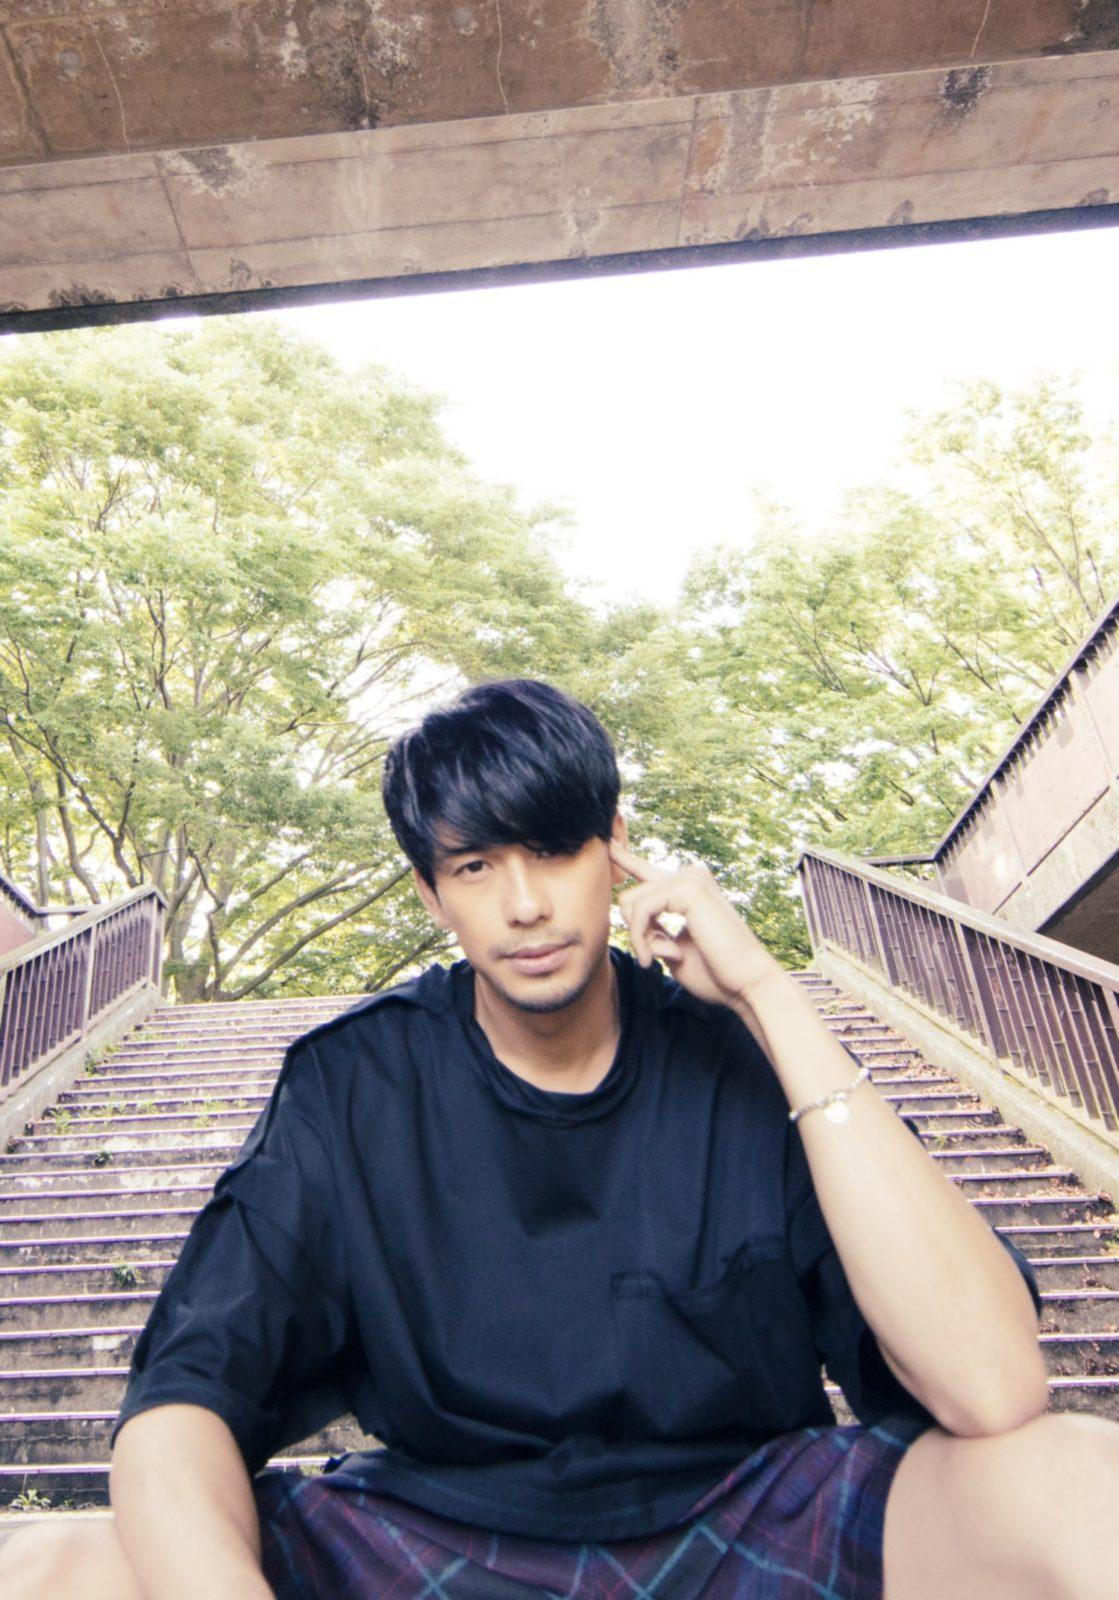 MORISAKI WIN(森崎ウィン)、「d.s.t.m.」配信スタート& 1st ep 『PARADE』 発売記念した衣装展も開催決定サムネイル画像